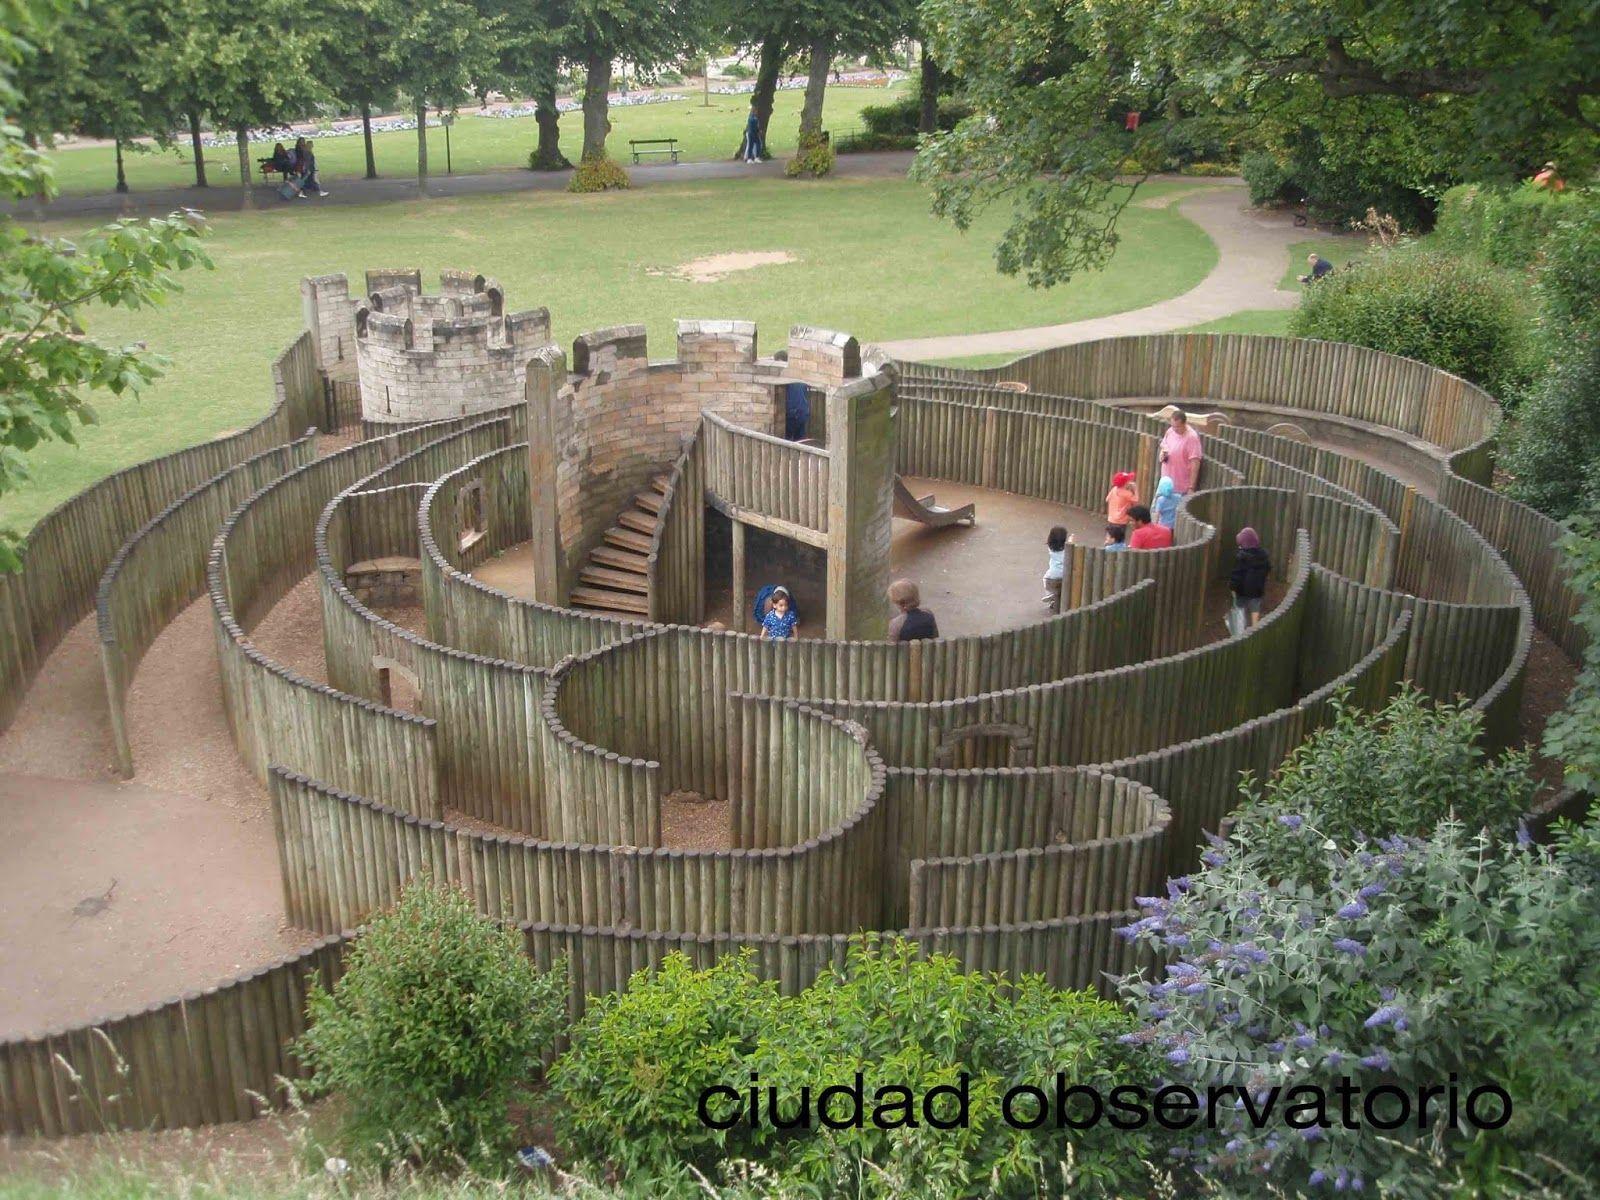 laberinto para petits ciudadanos en Canterbury | Patio exterior de recreo,  Parques infantiles y Parques infantiles naturales